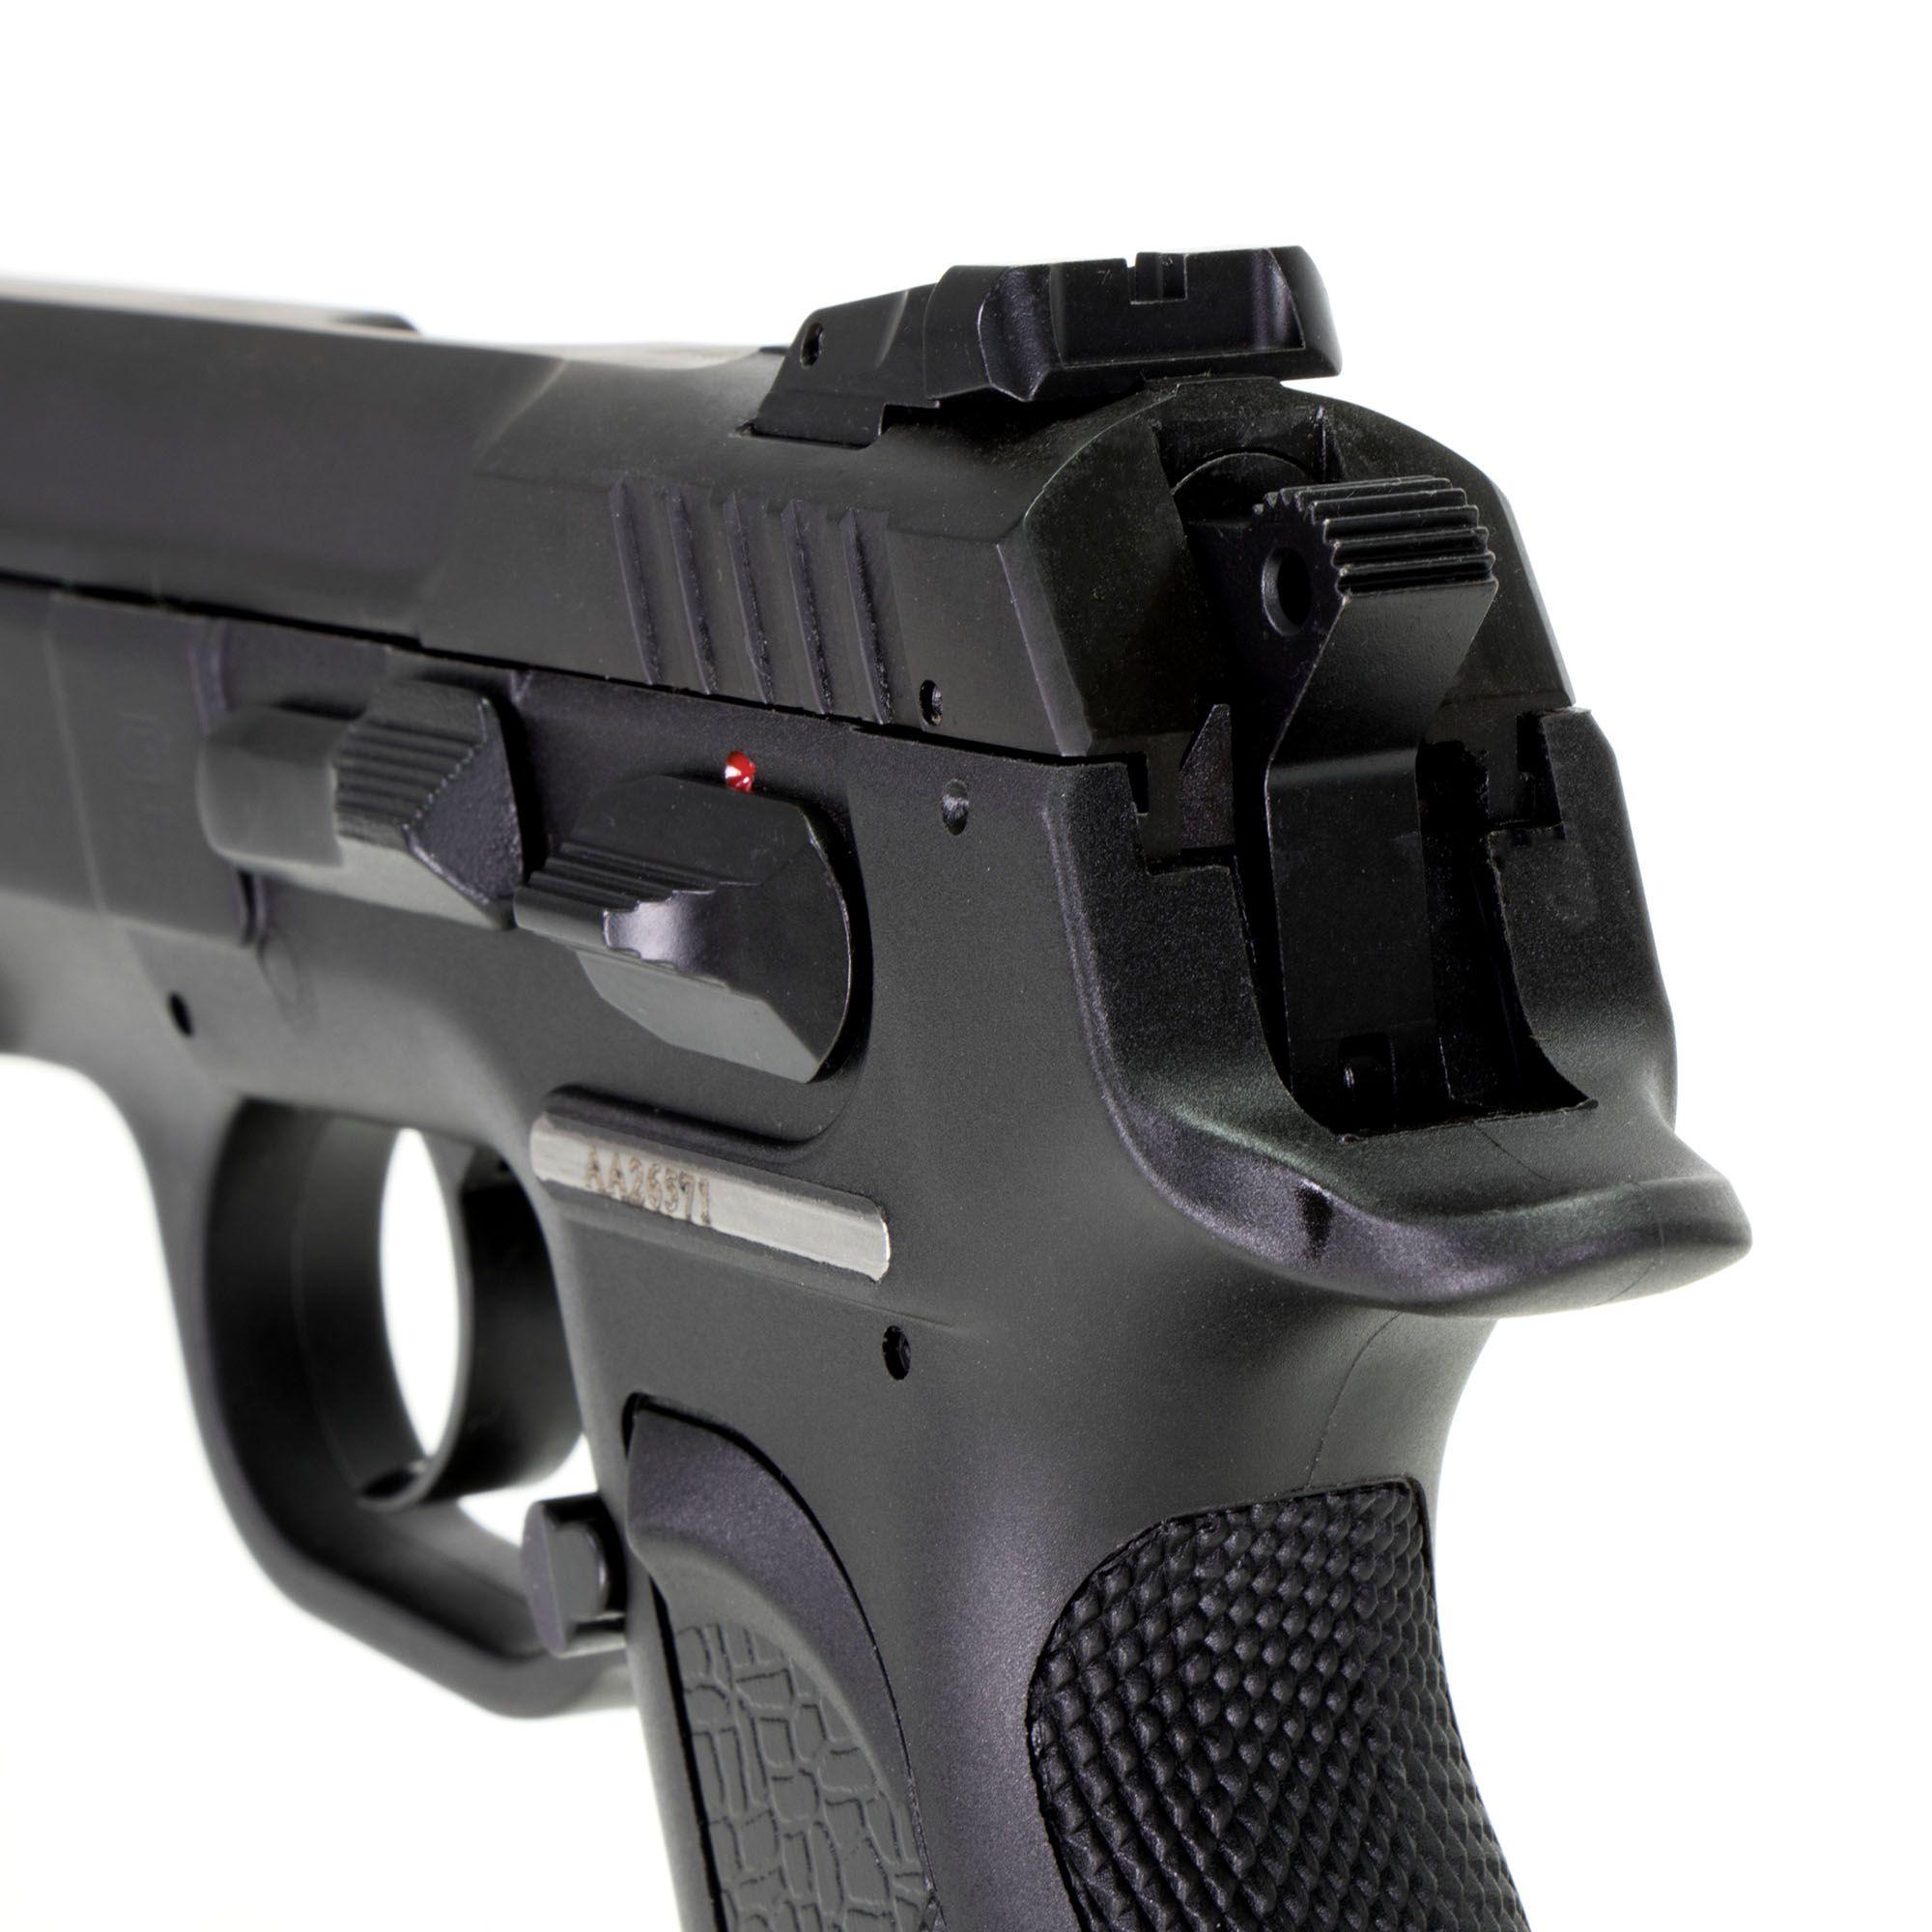 Pistola Tanfoglio FT9 FS (Full Size) Calibre 380 ACP